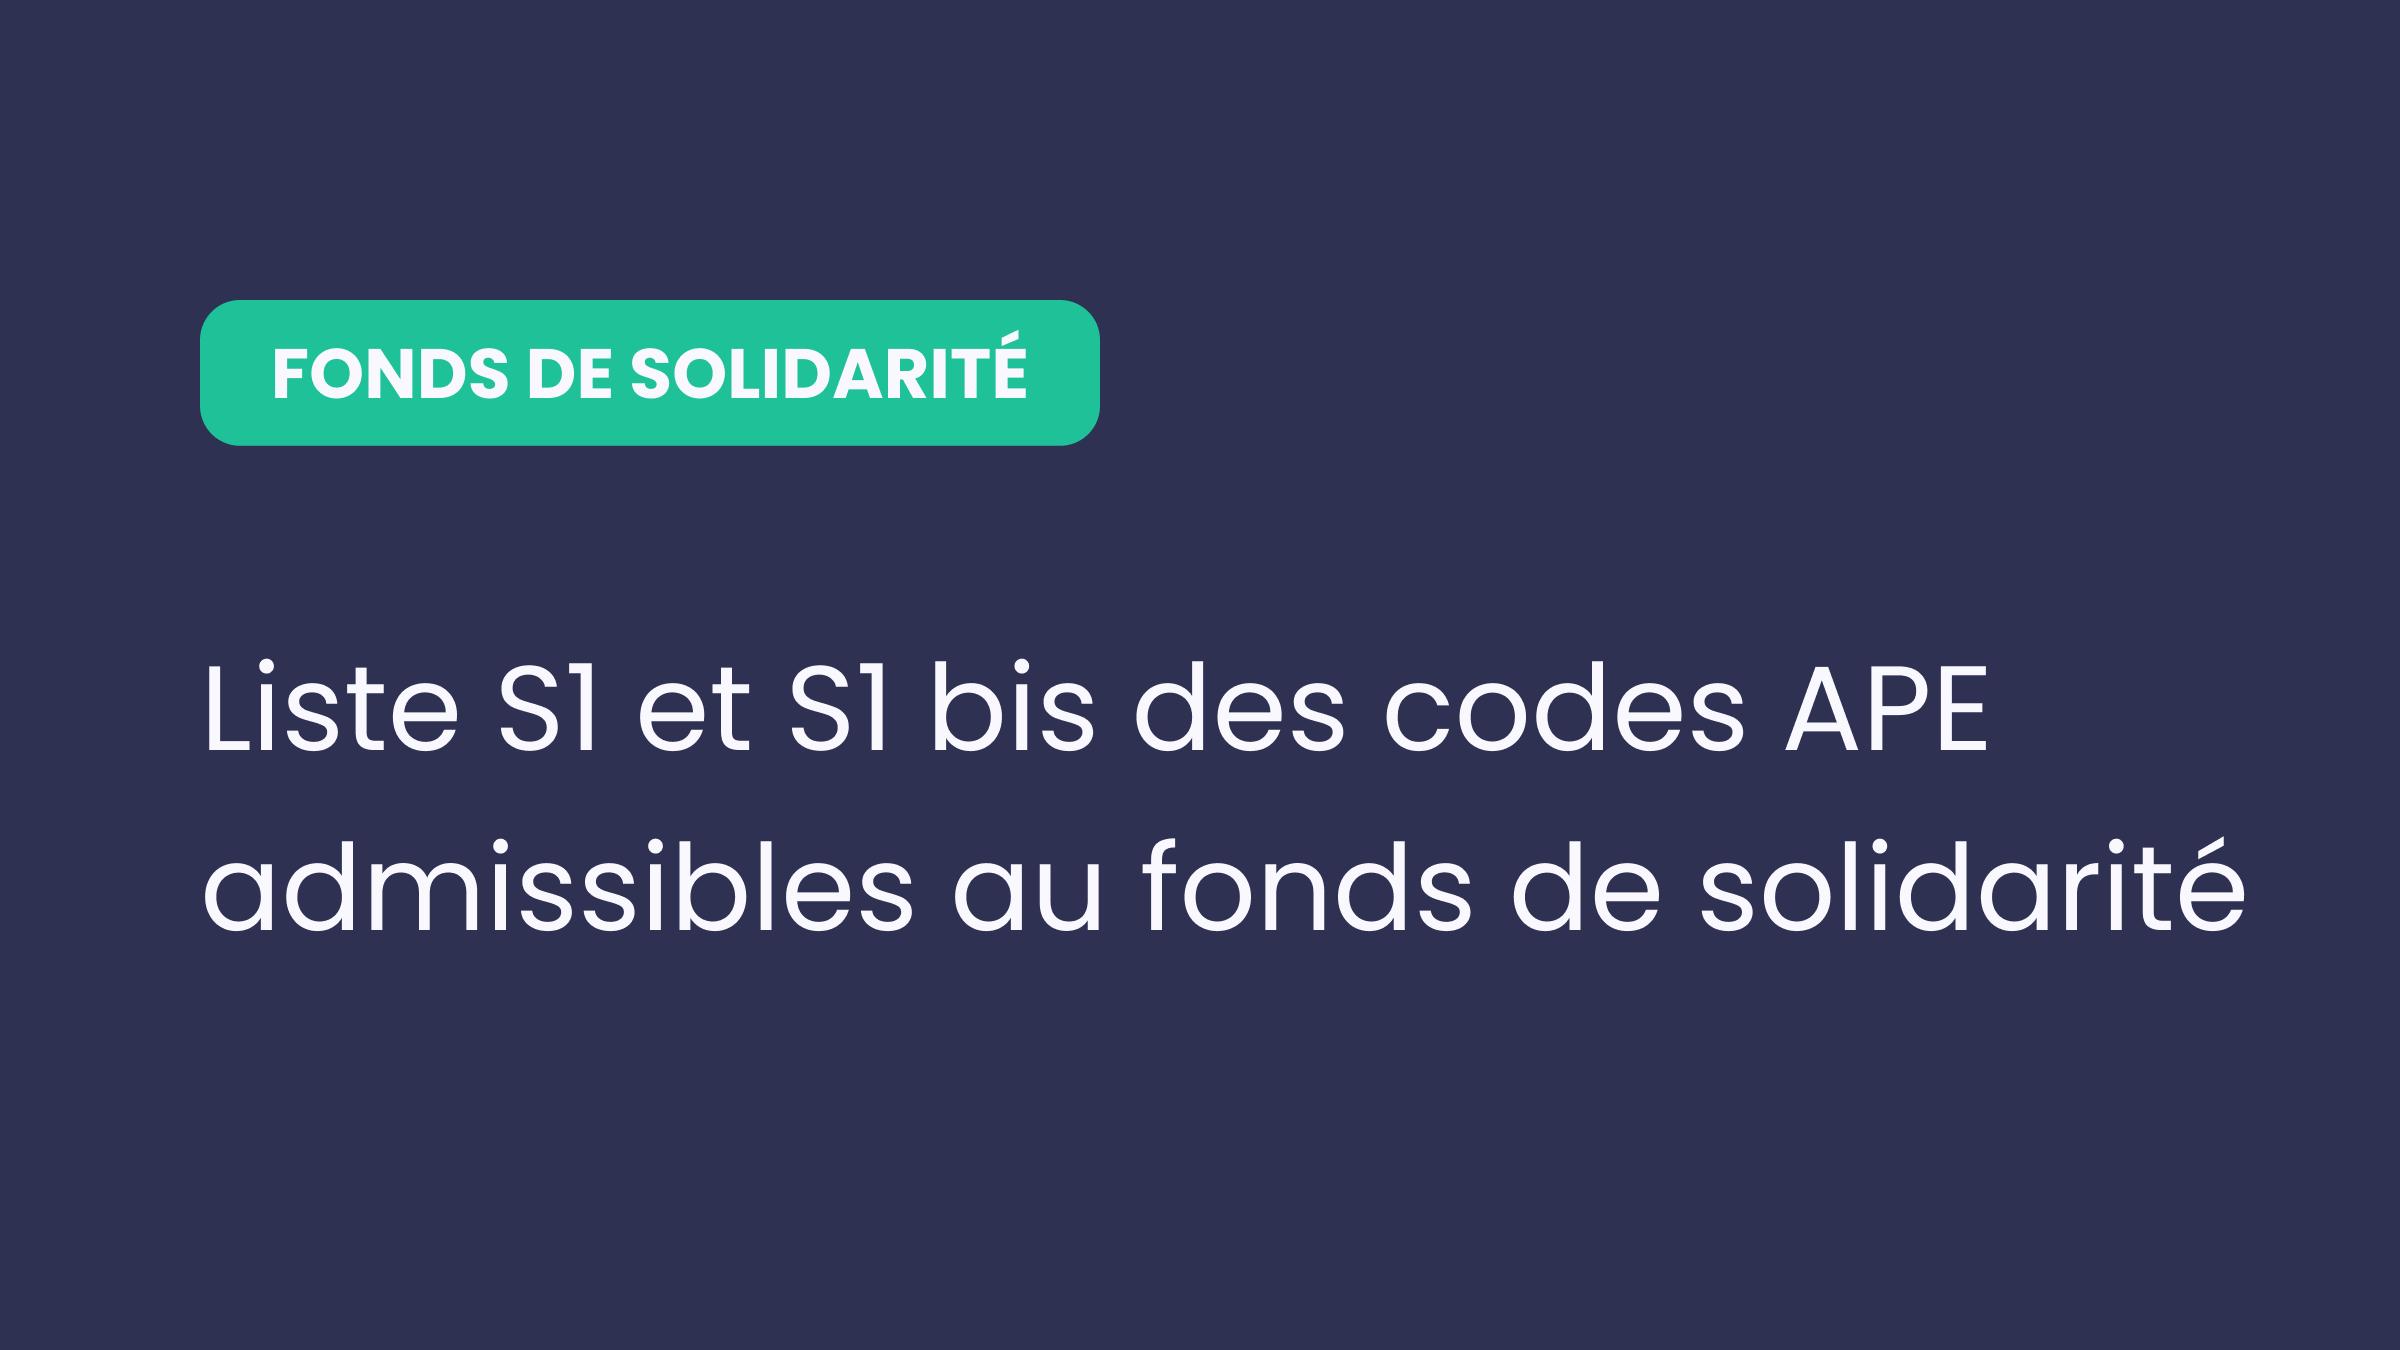 Liste S1 et S1 bis des codes APE